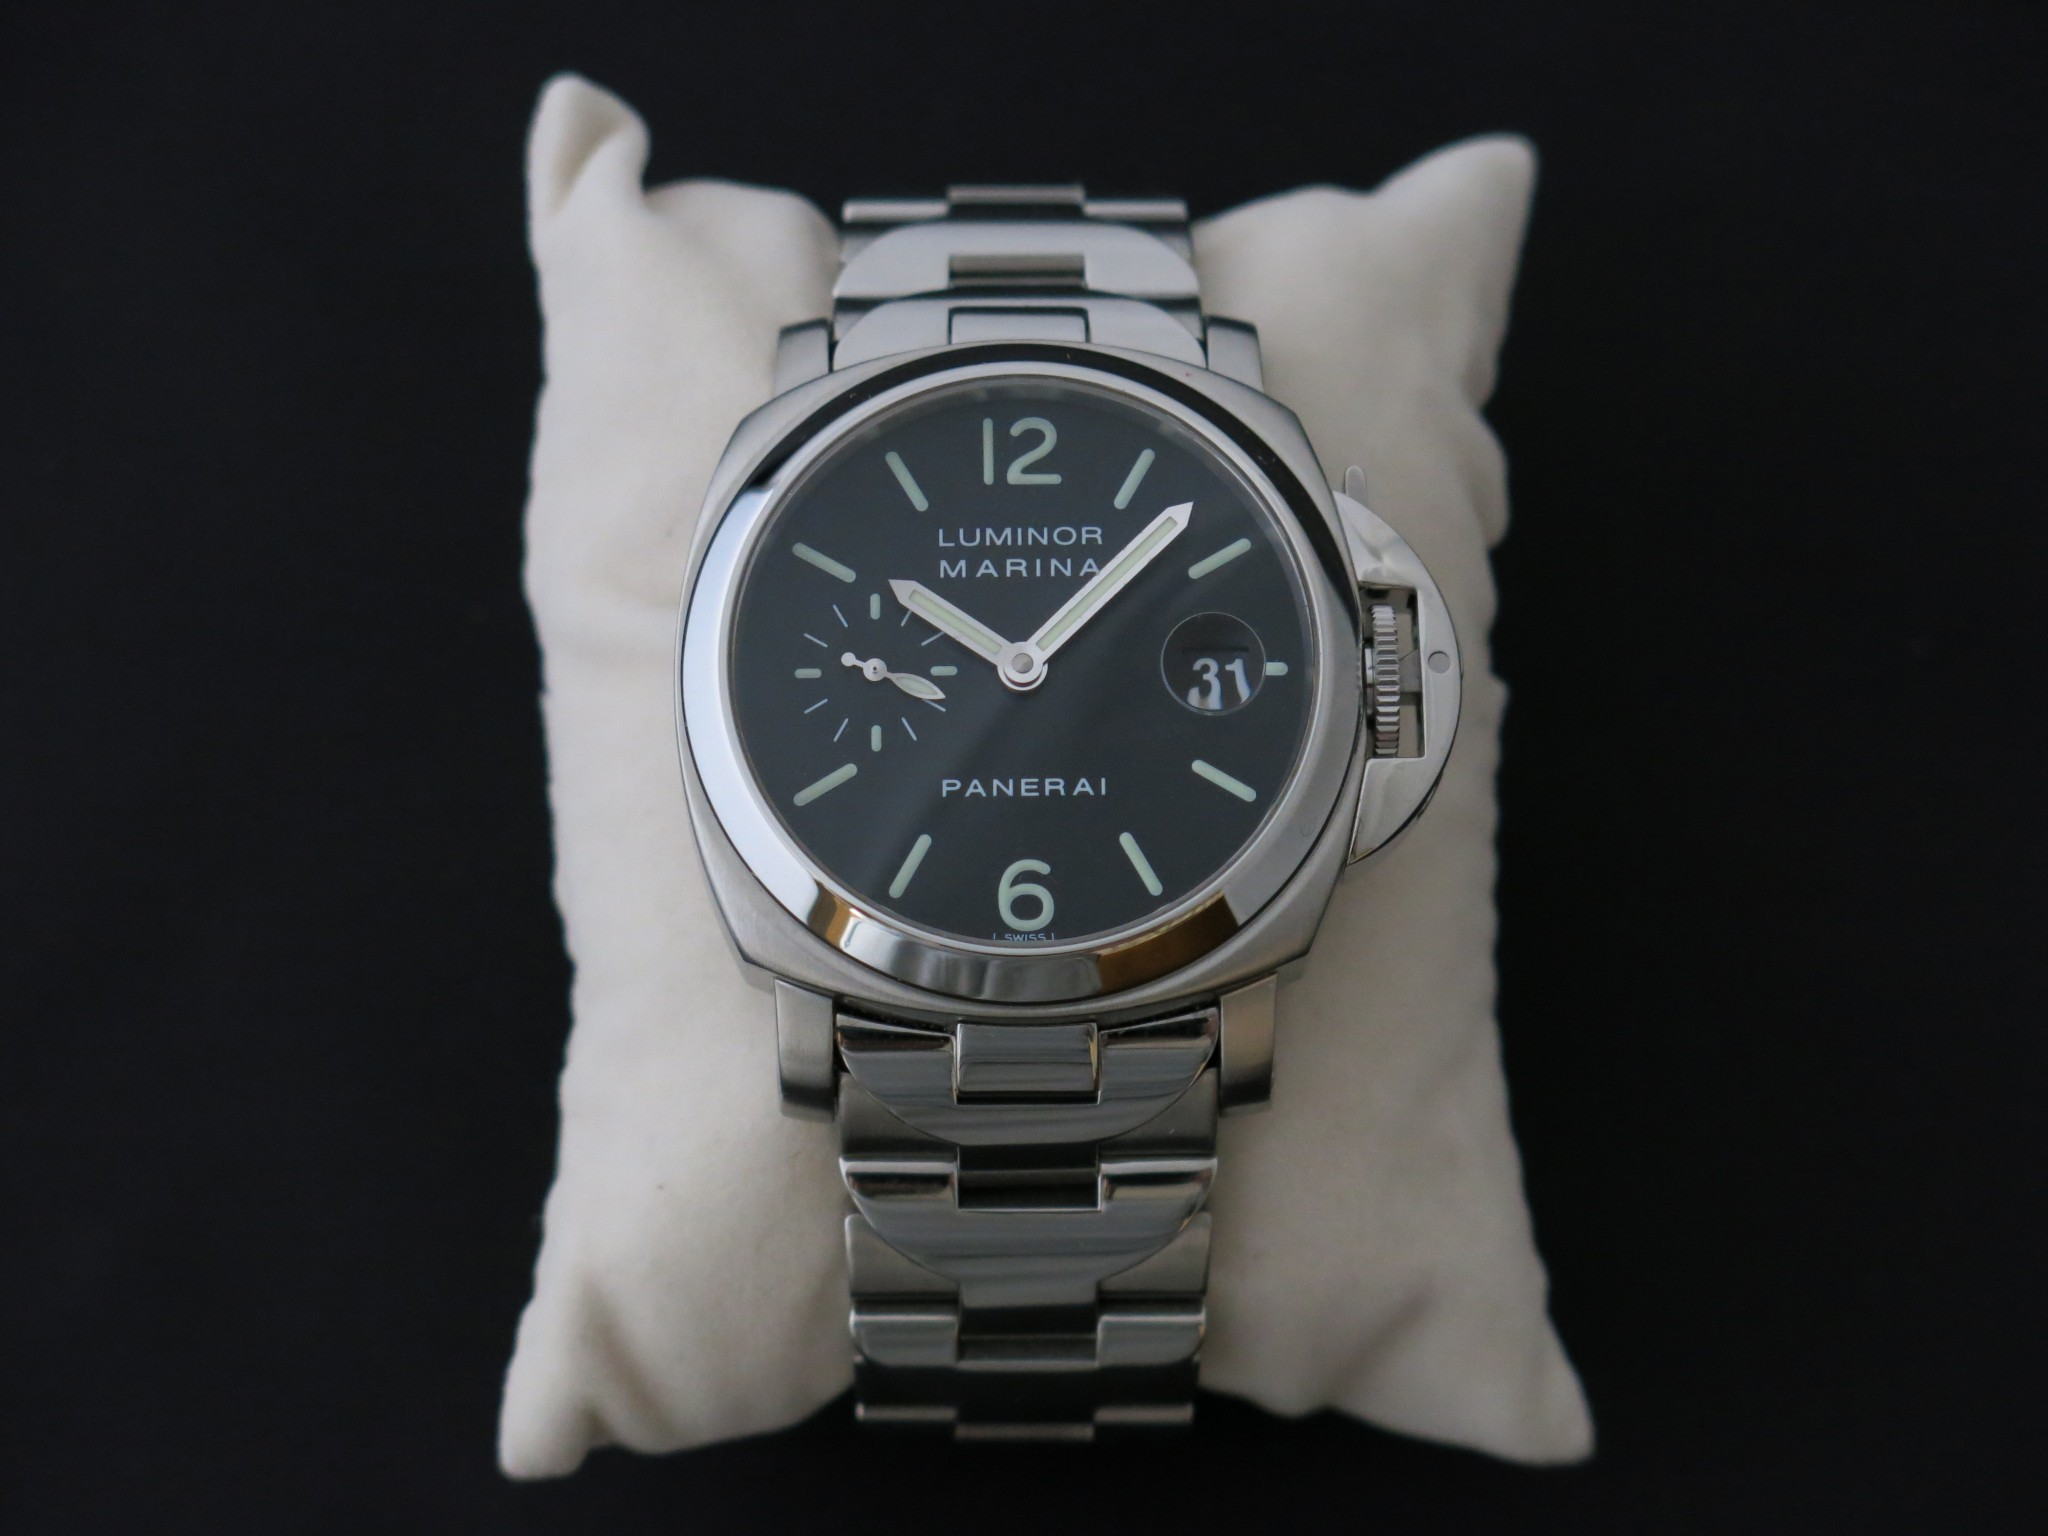 ロレックスなどの高級腕時計が投資対象になること …